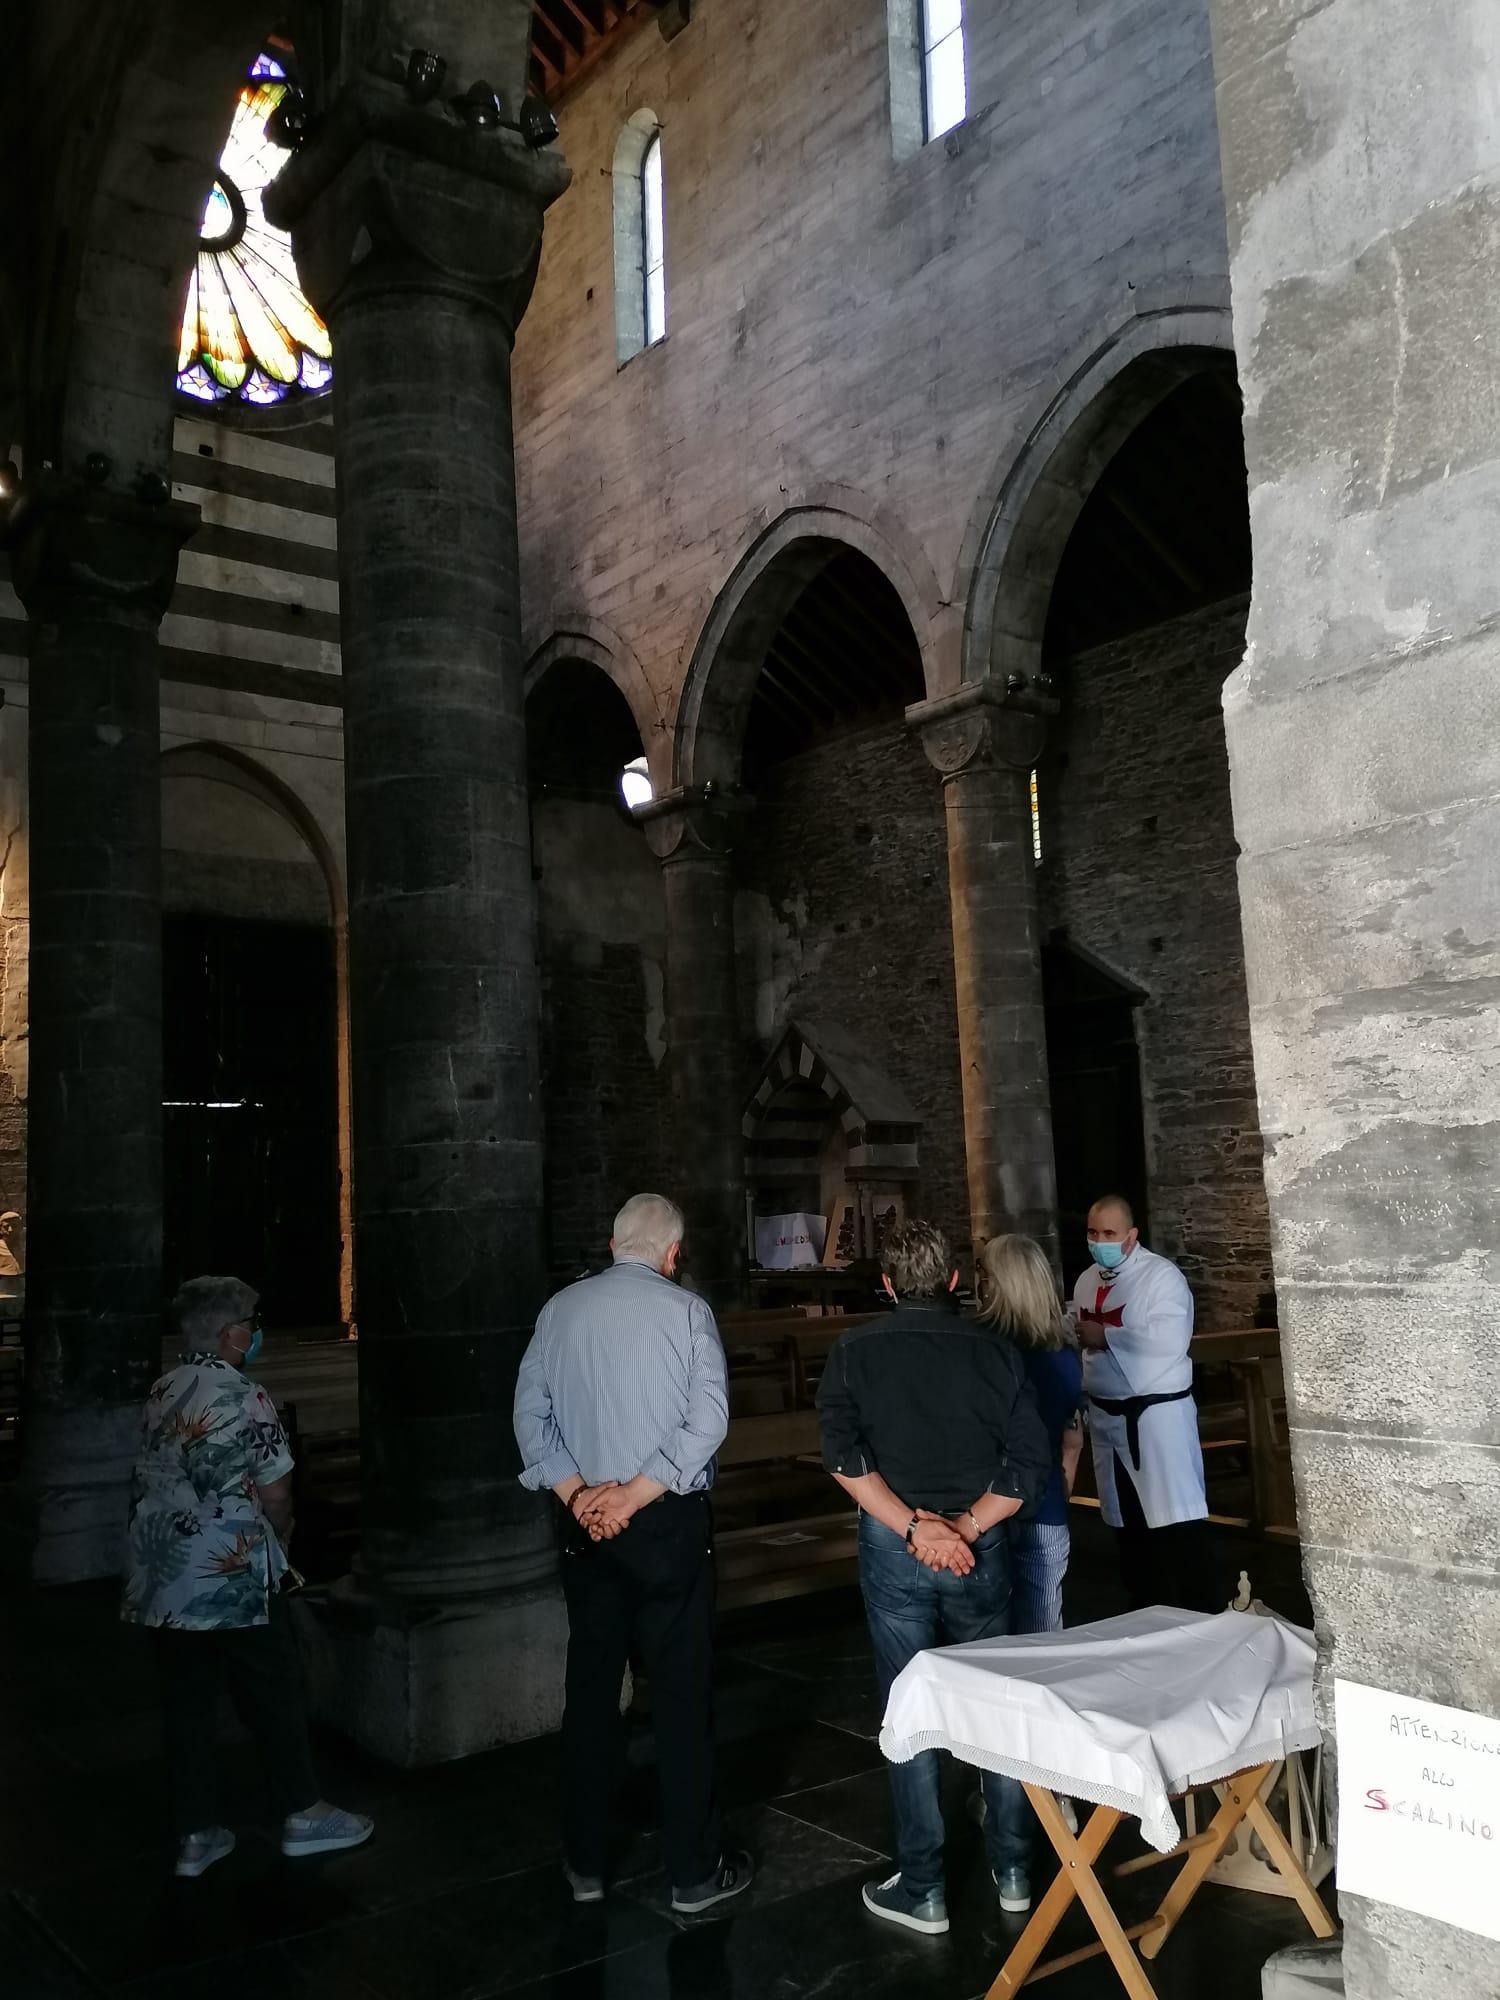 Kustodie des ersten Sonntags im Monat der Fieschi-Basilika in San Salvatore di Cogorno (Ge) (Juli 2021)